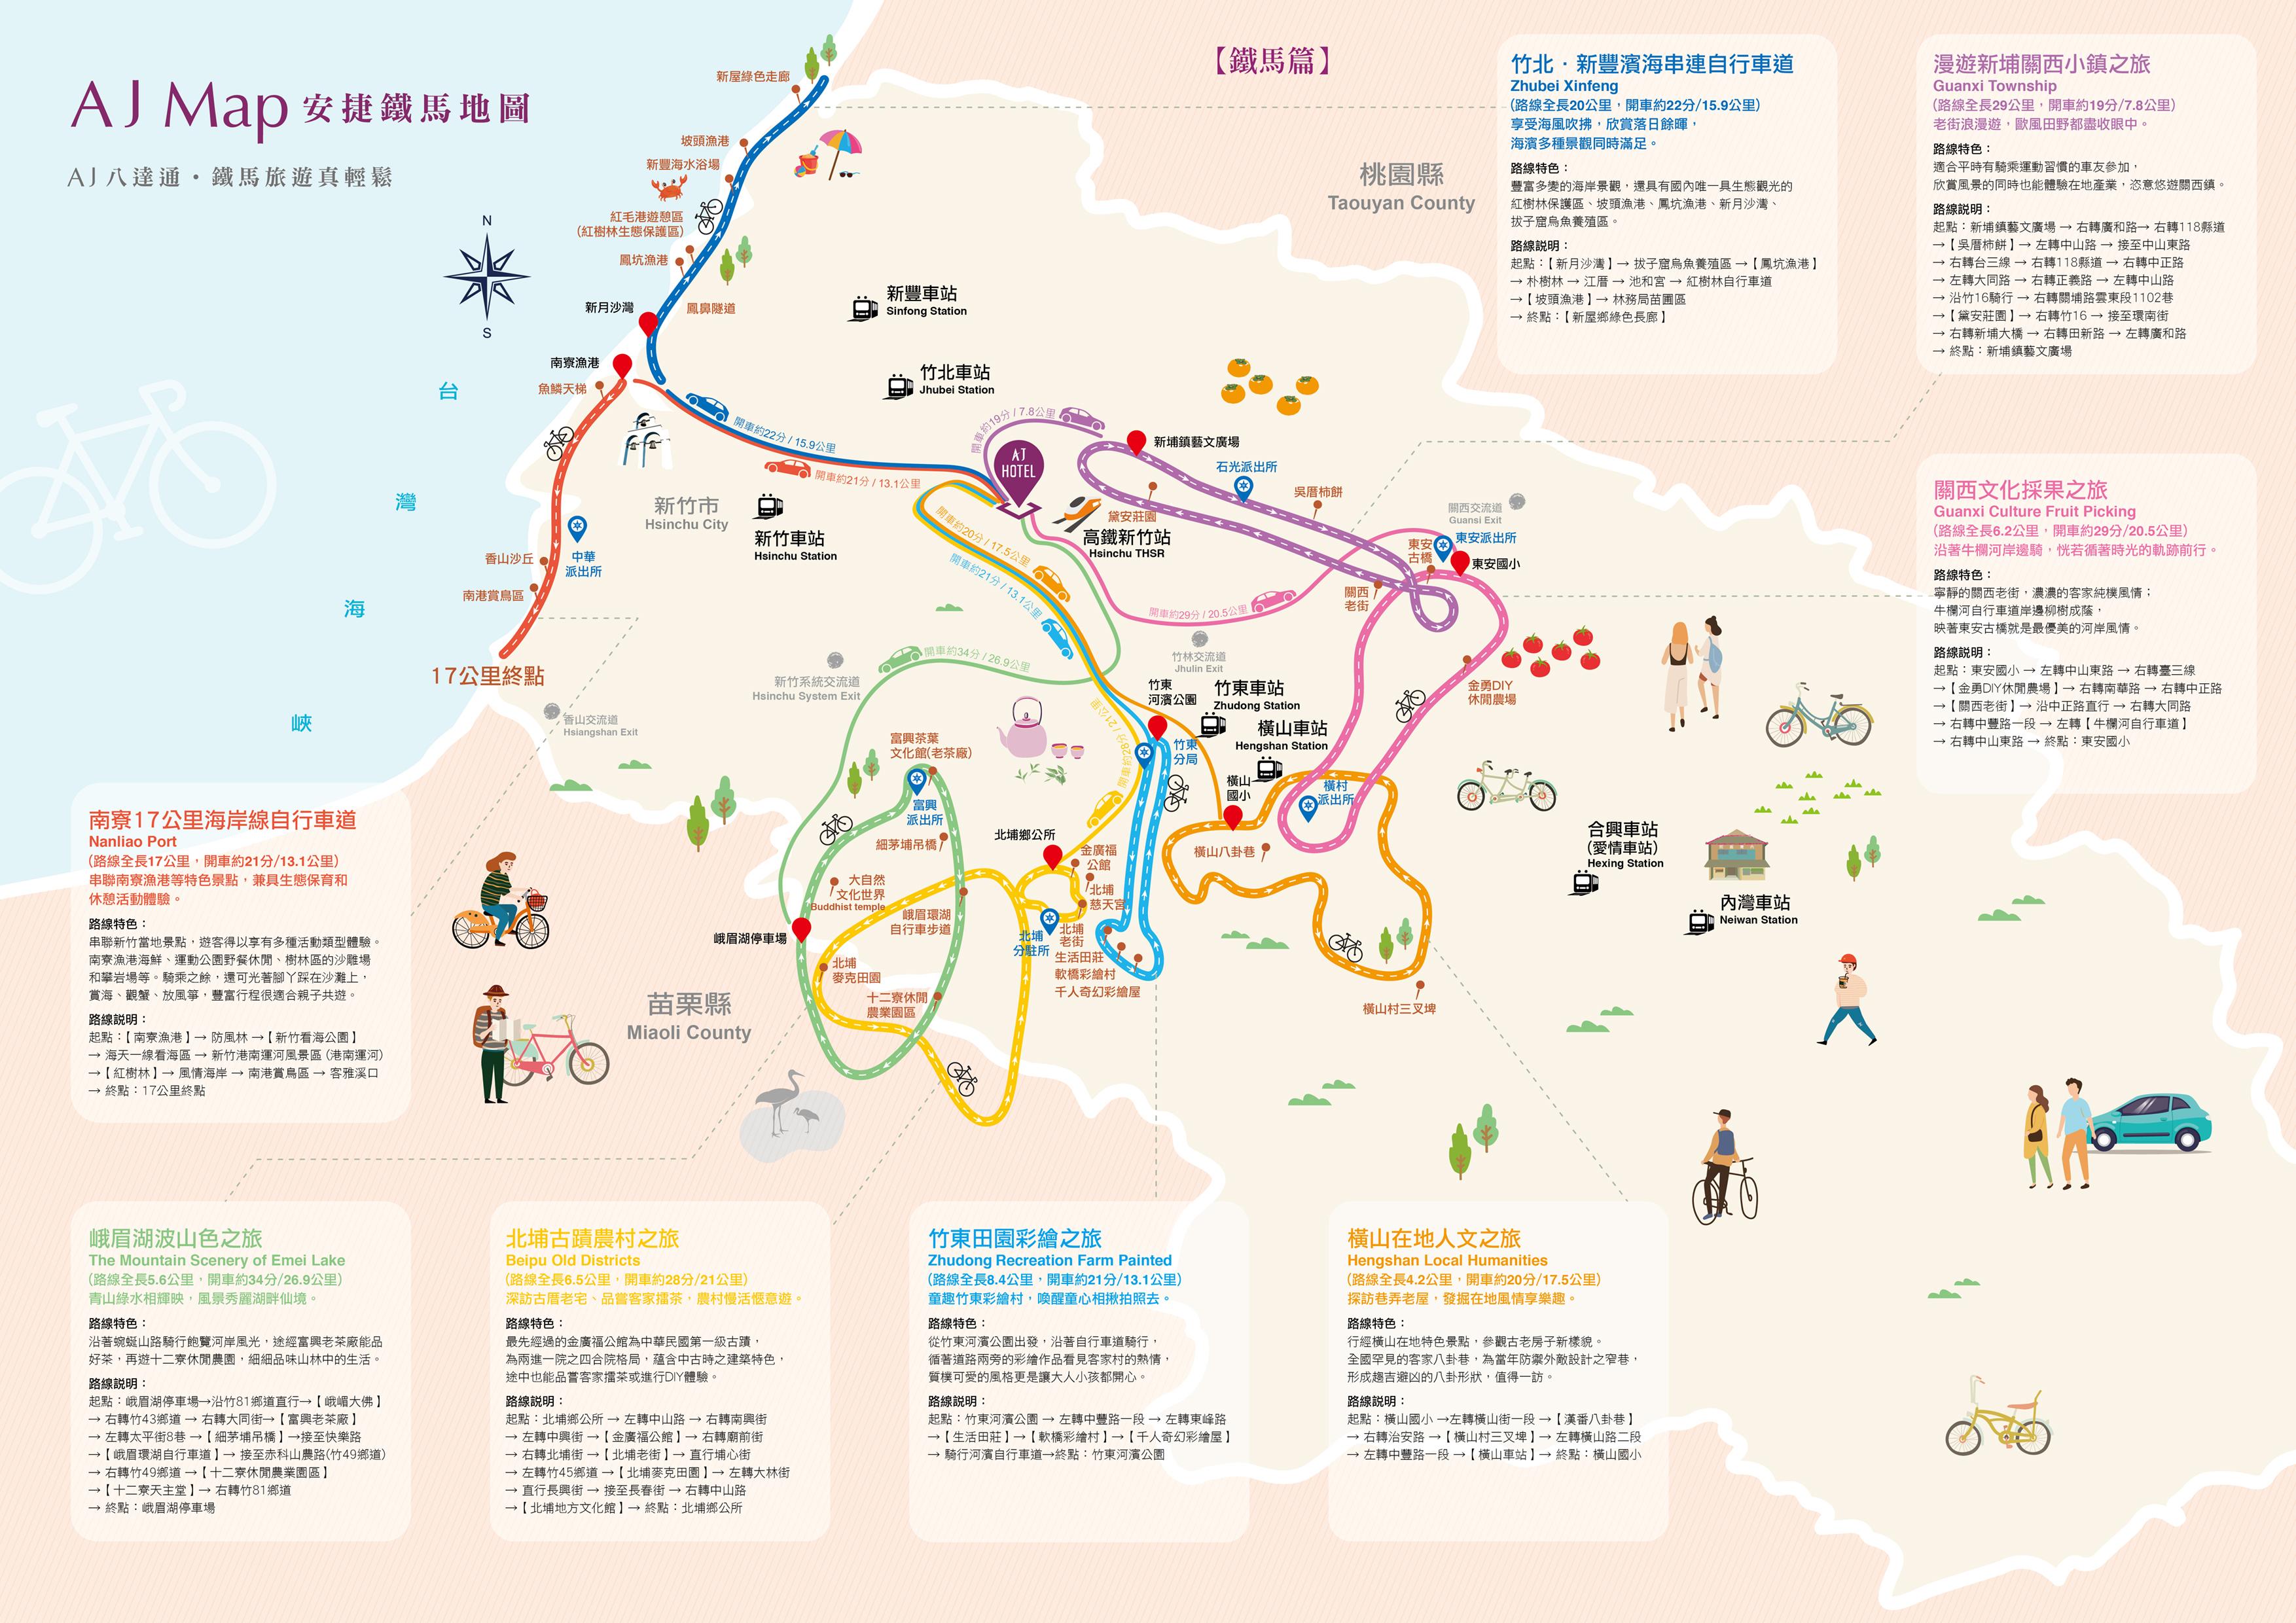 新竹安捷-旅遊八達通Map-Cindy190410-新增景點